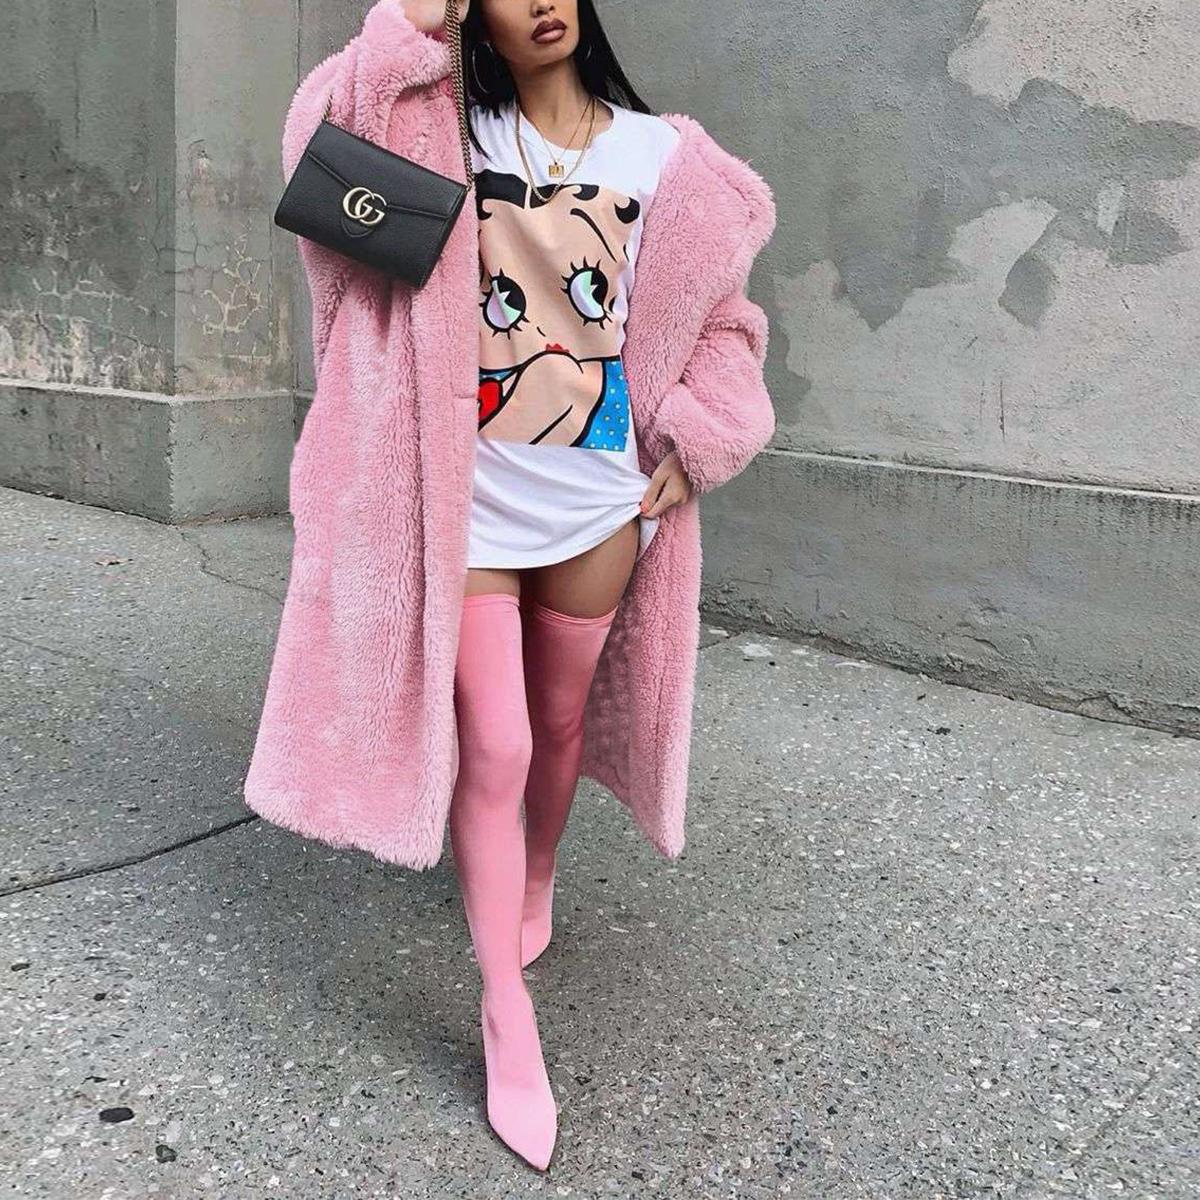 Women-Winter-Warm-Teddy-Bear-Fleece-Coat-Fluffy-Jacket-Cardigan-Overcoat-Outwear miniatura 23